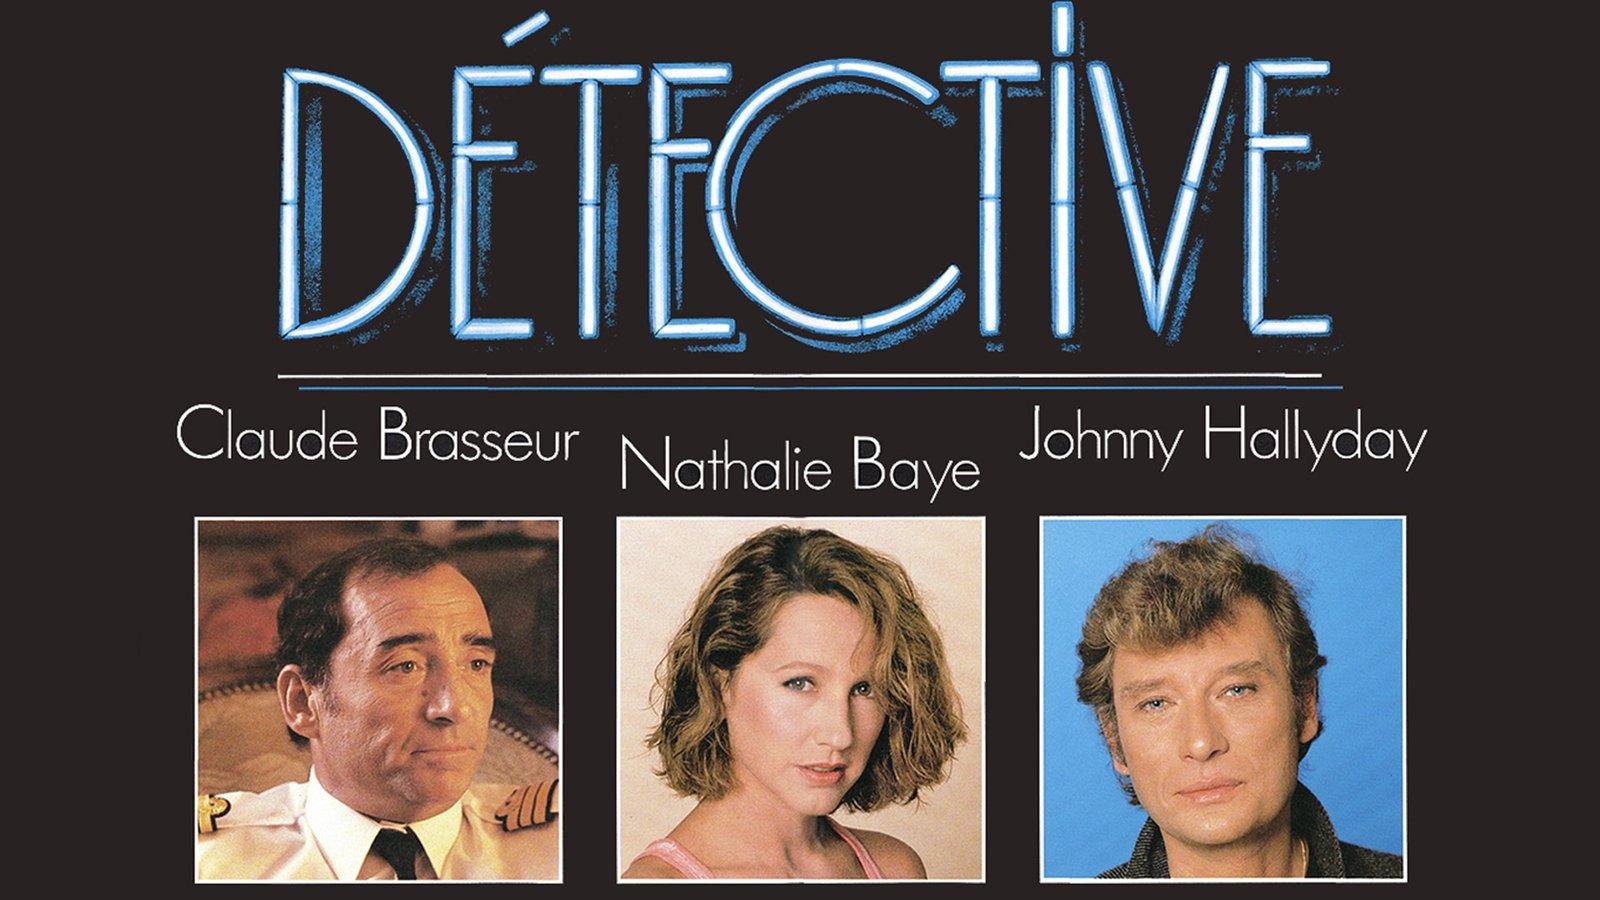 Detective - Détective